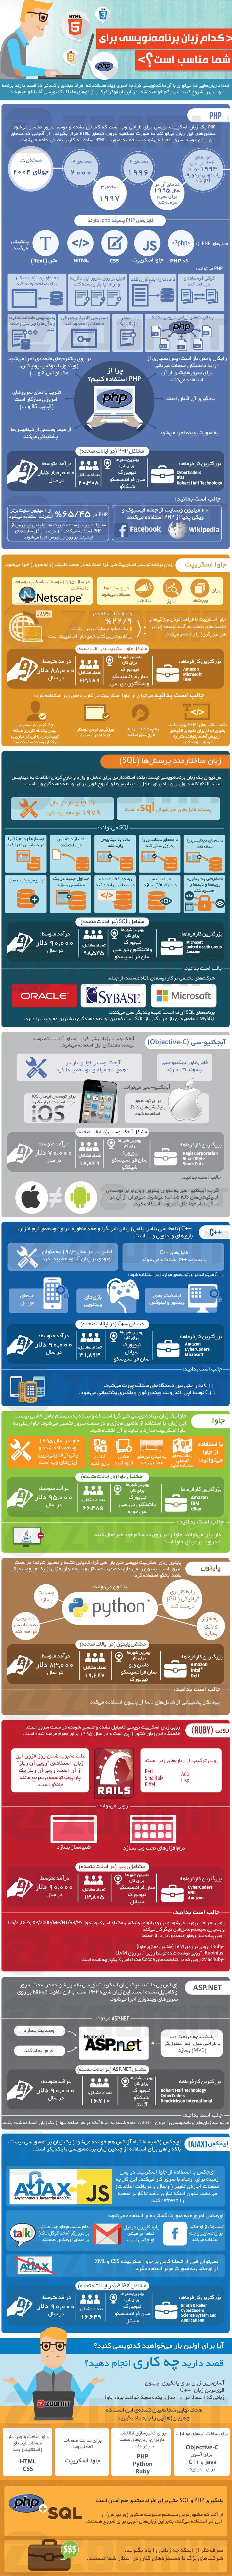 چه زبان برنامه نویسی برای شما مناسب است؟ 1